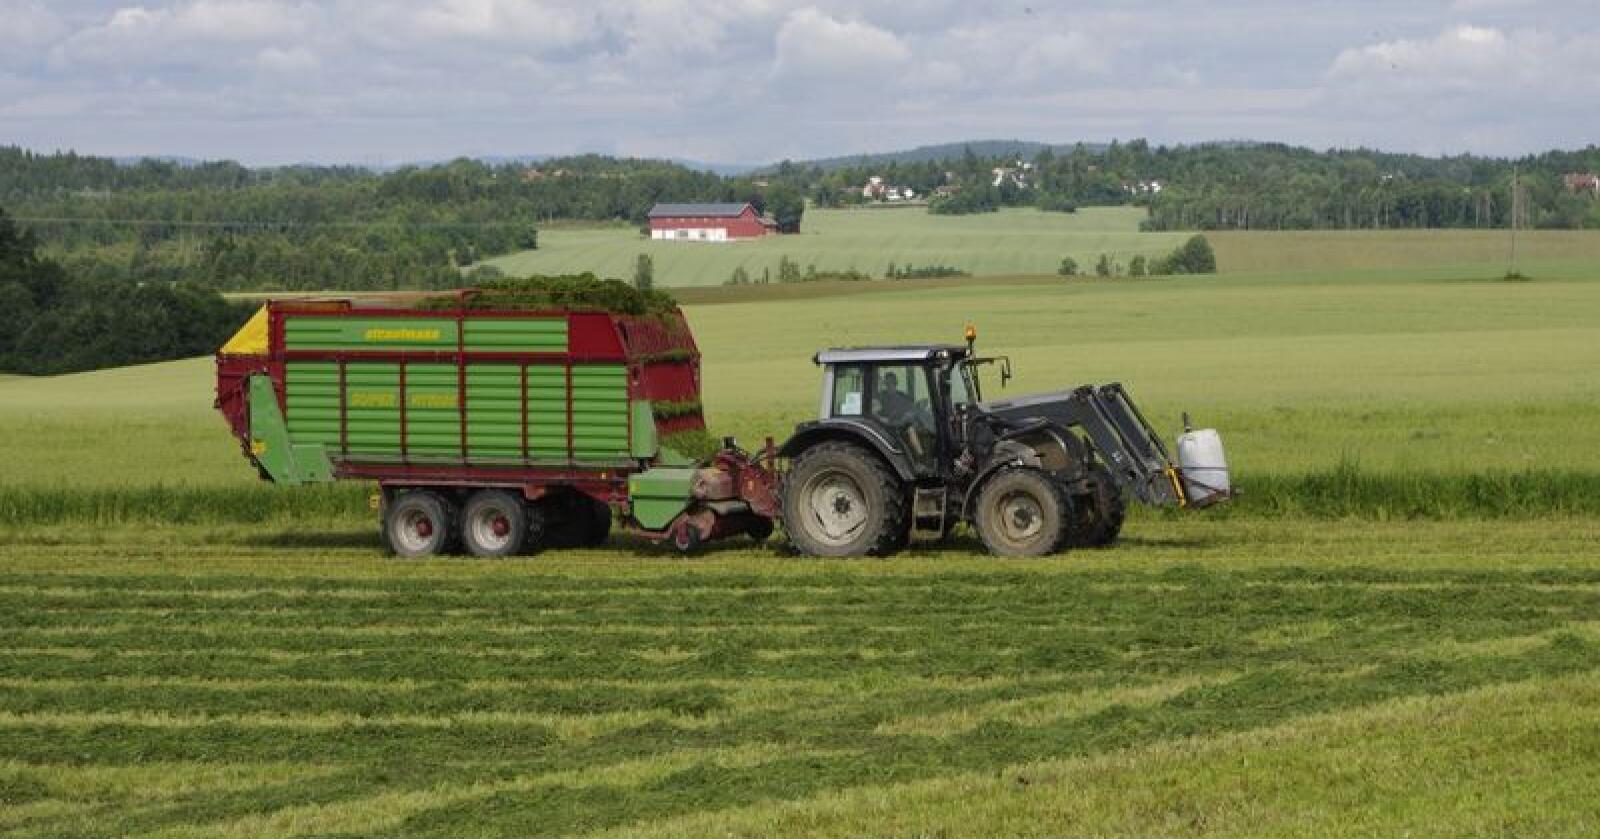 Bakvendt: Grasarealet synker i de rene grasområdene i tilskuddssonene 5-7, på Vestlandet og i Nord-Norge, mens grasarealet øker i sone 1 og 3, som i stor grad er områder egnet for korndyrking. Foto: Harald Lie